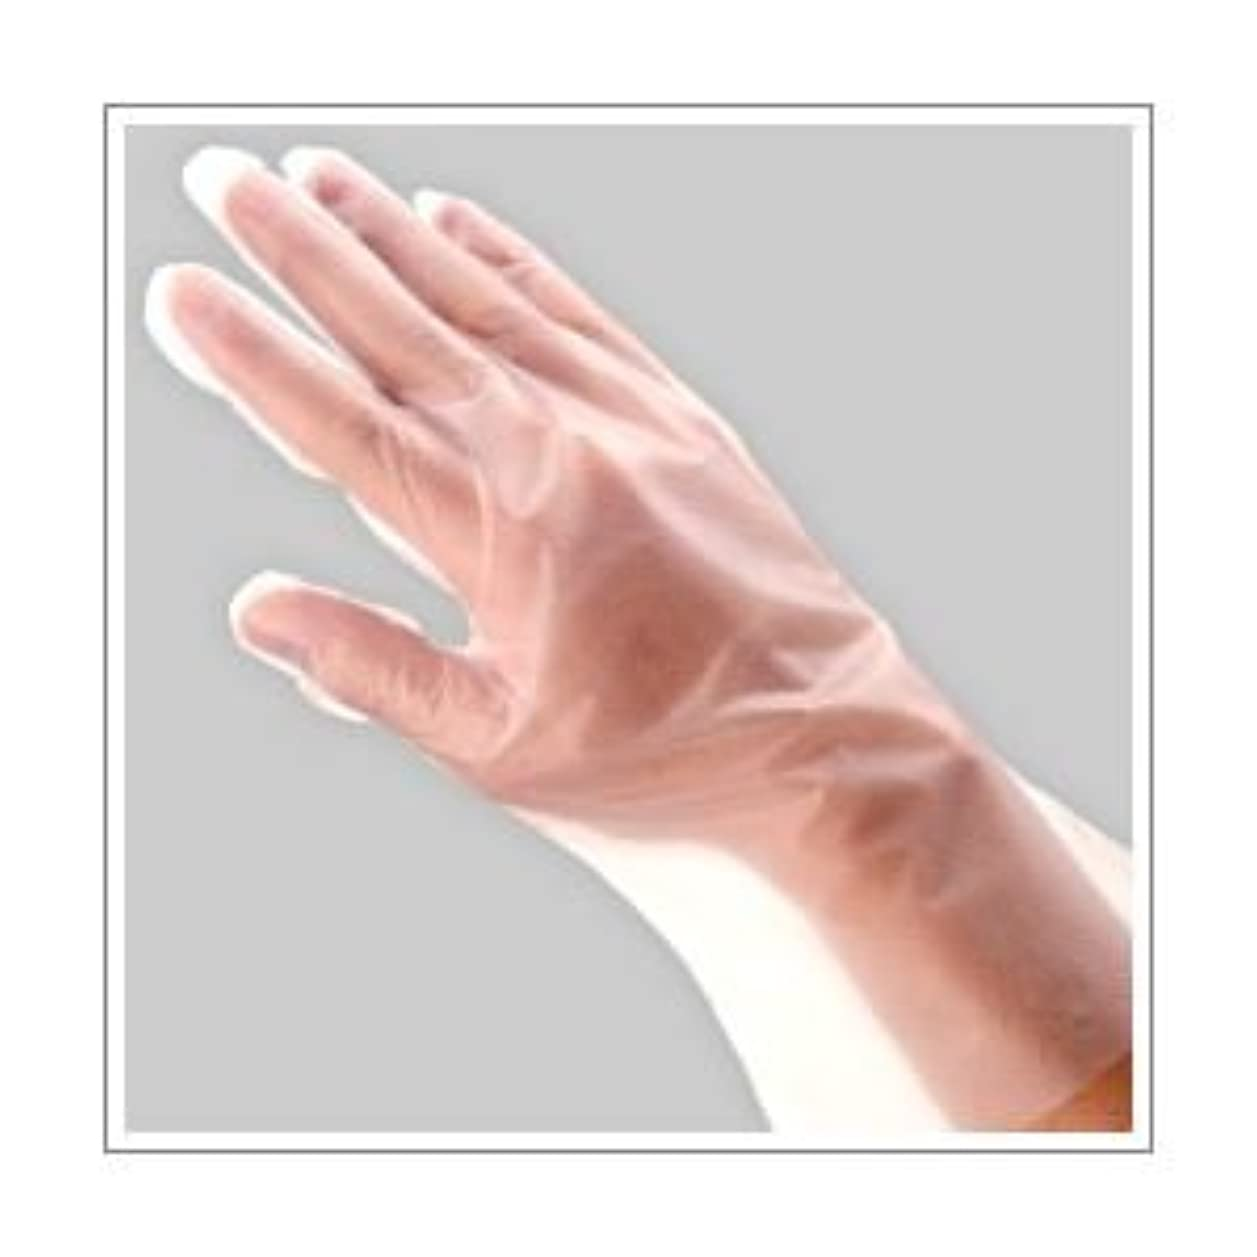 湖可塑性いっぱい(業務用セット) 福助工業 ポリ手袋 指フィット 100枚パック L 【×10セット】 dS-1640685